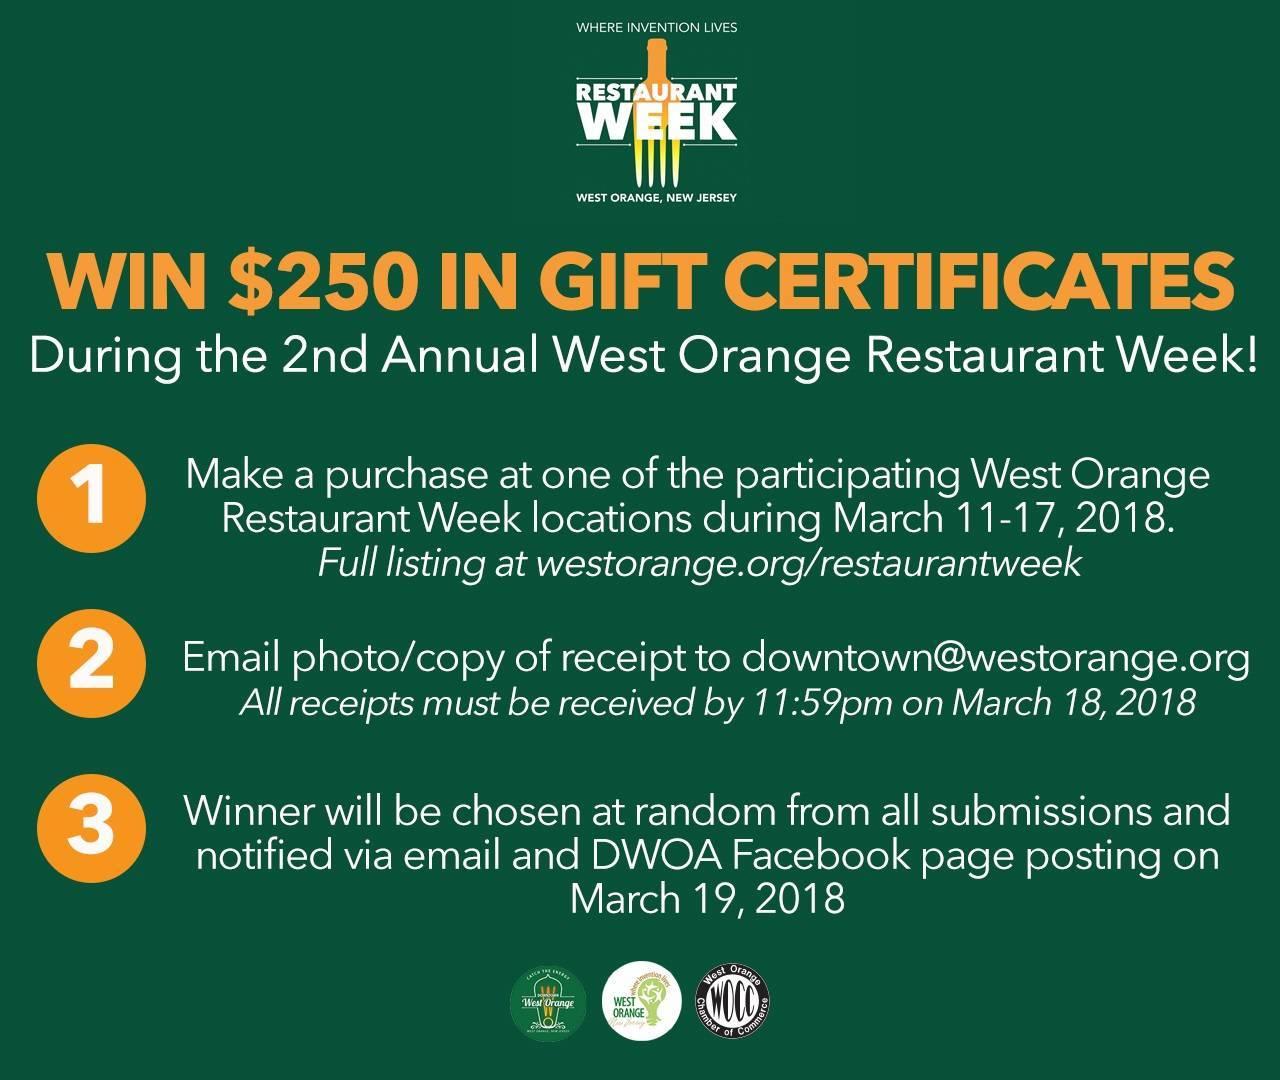 026119b04c4ef75de562_WO-Rest-Week-Contest__002_.jpg